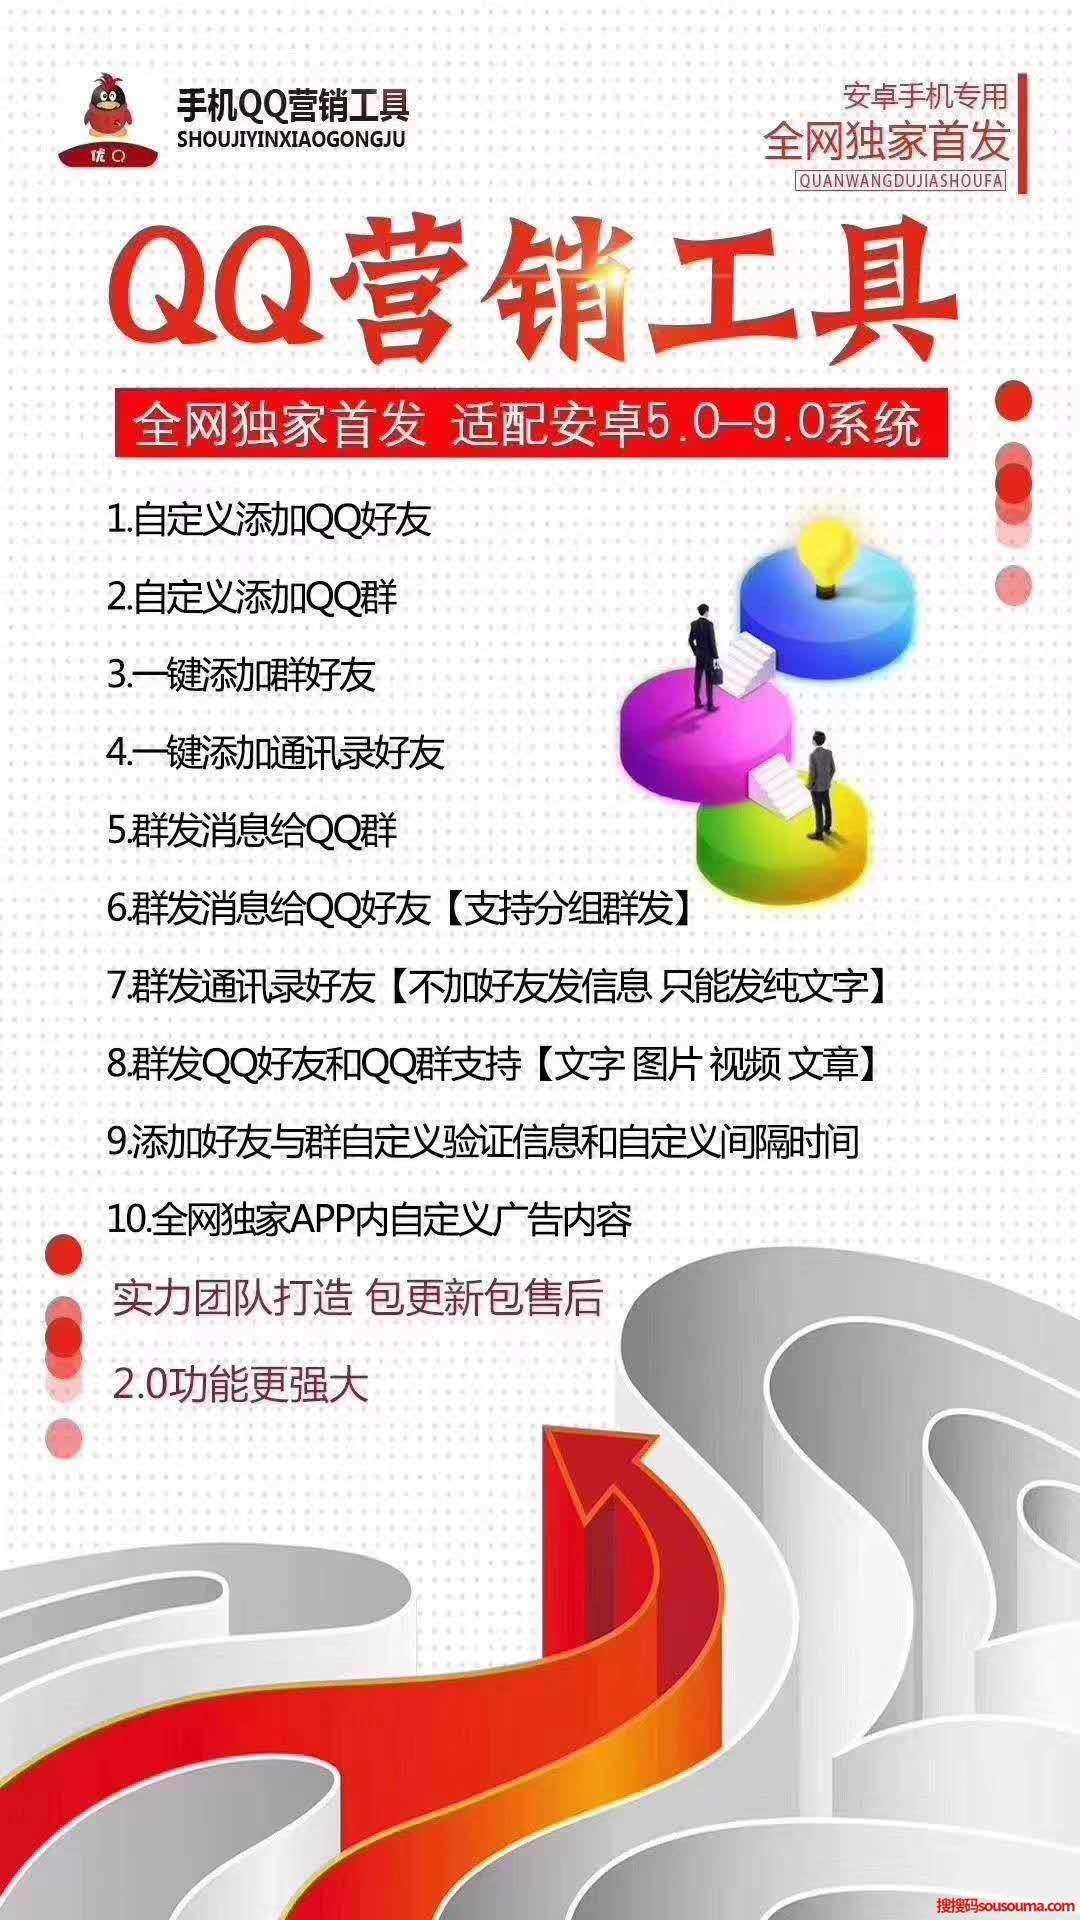 【手机QQ营销工具】安卓手机QQ营销工具一键操作添加好友群发登